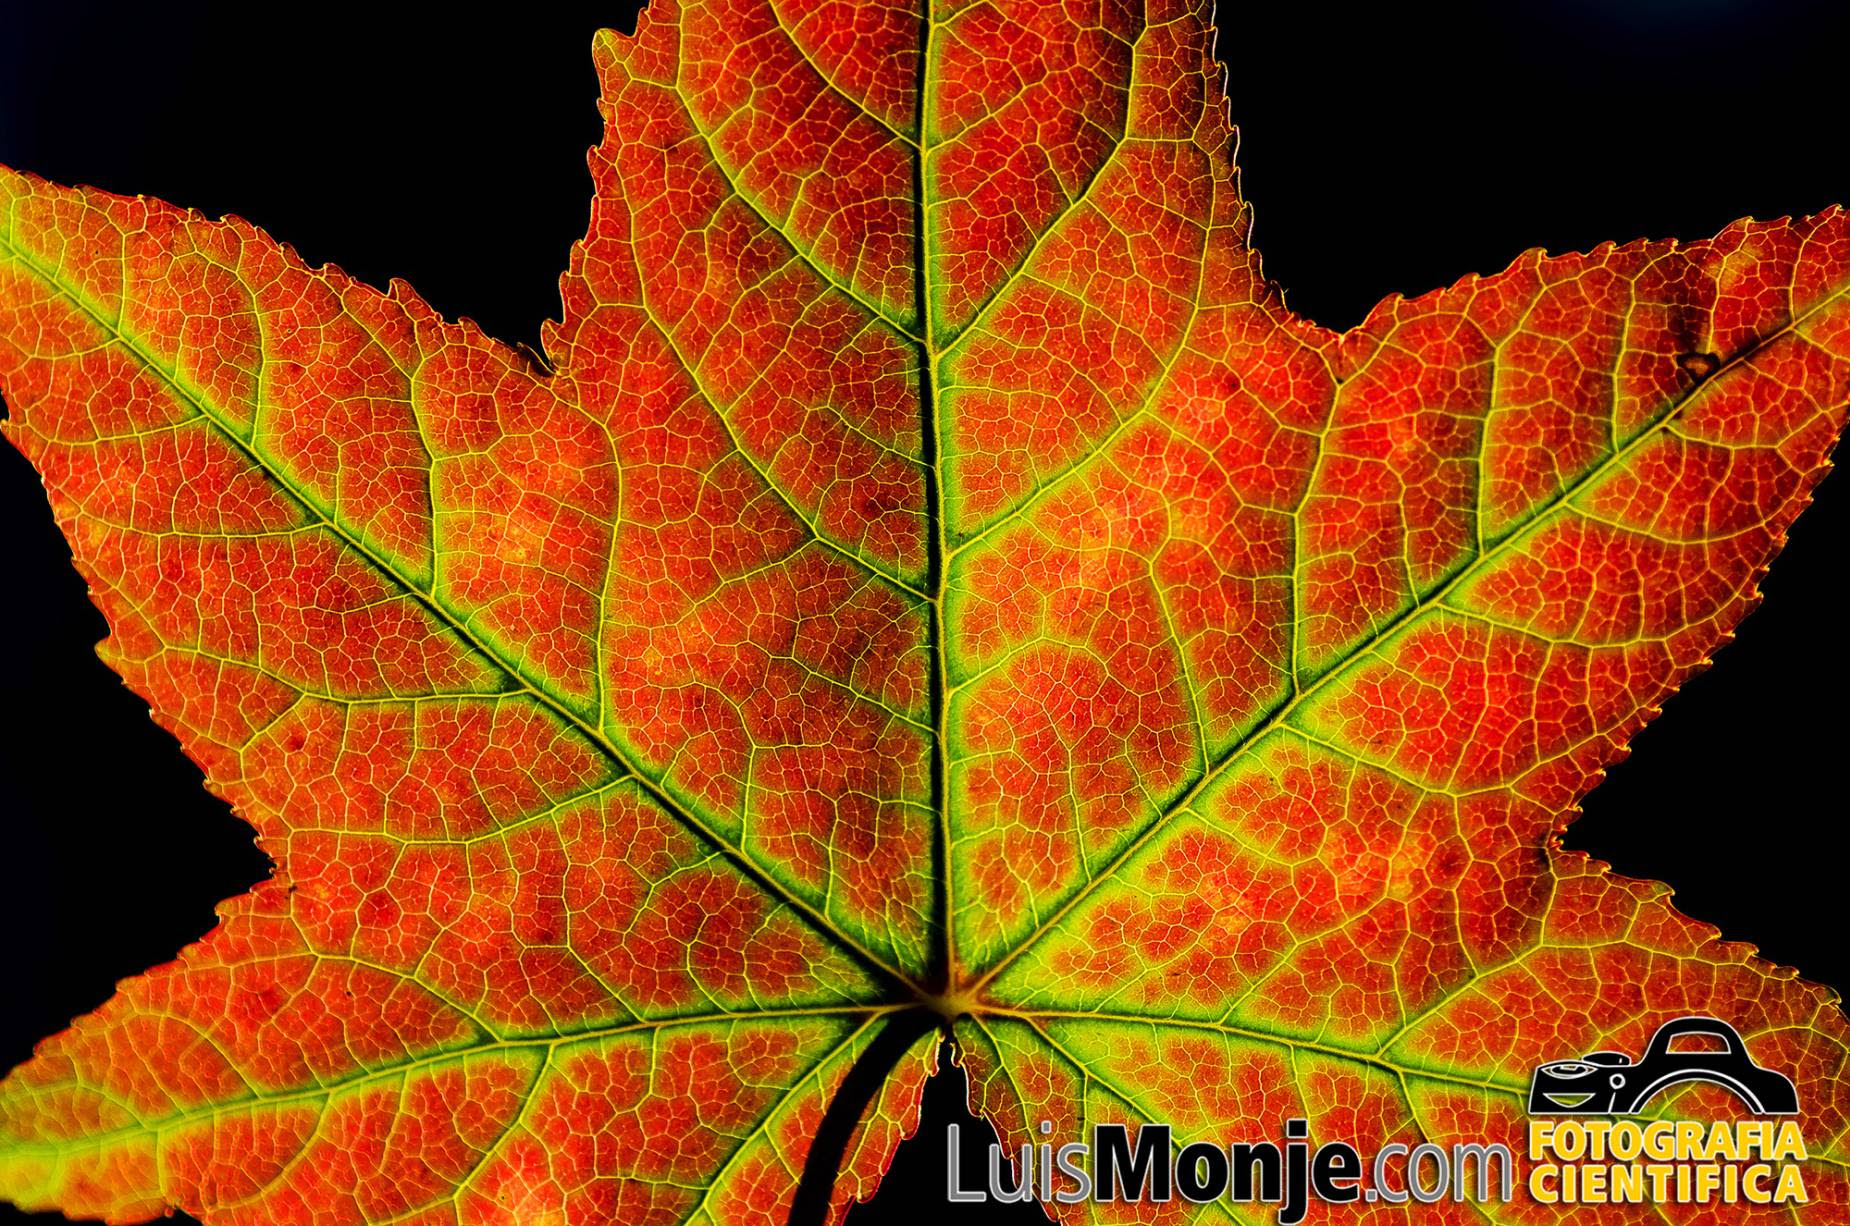 Luis Monje Fotografía Científicapor Qué Las Hojas De Los árboles